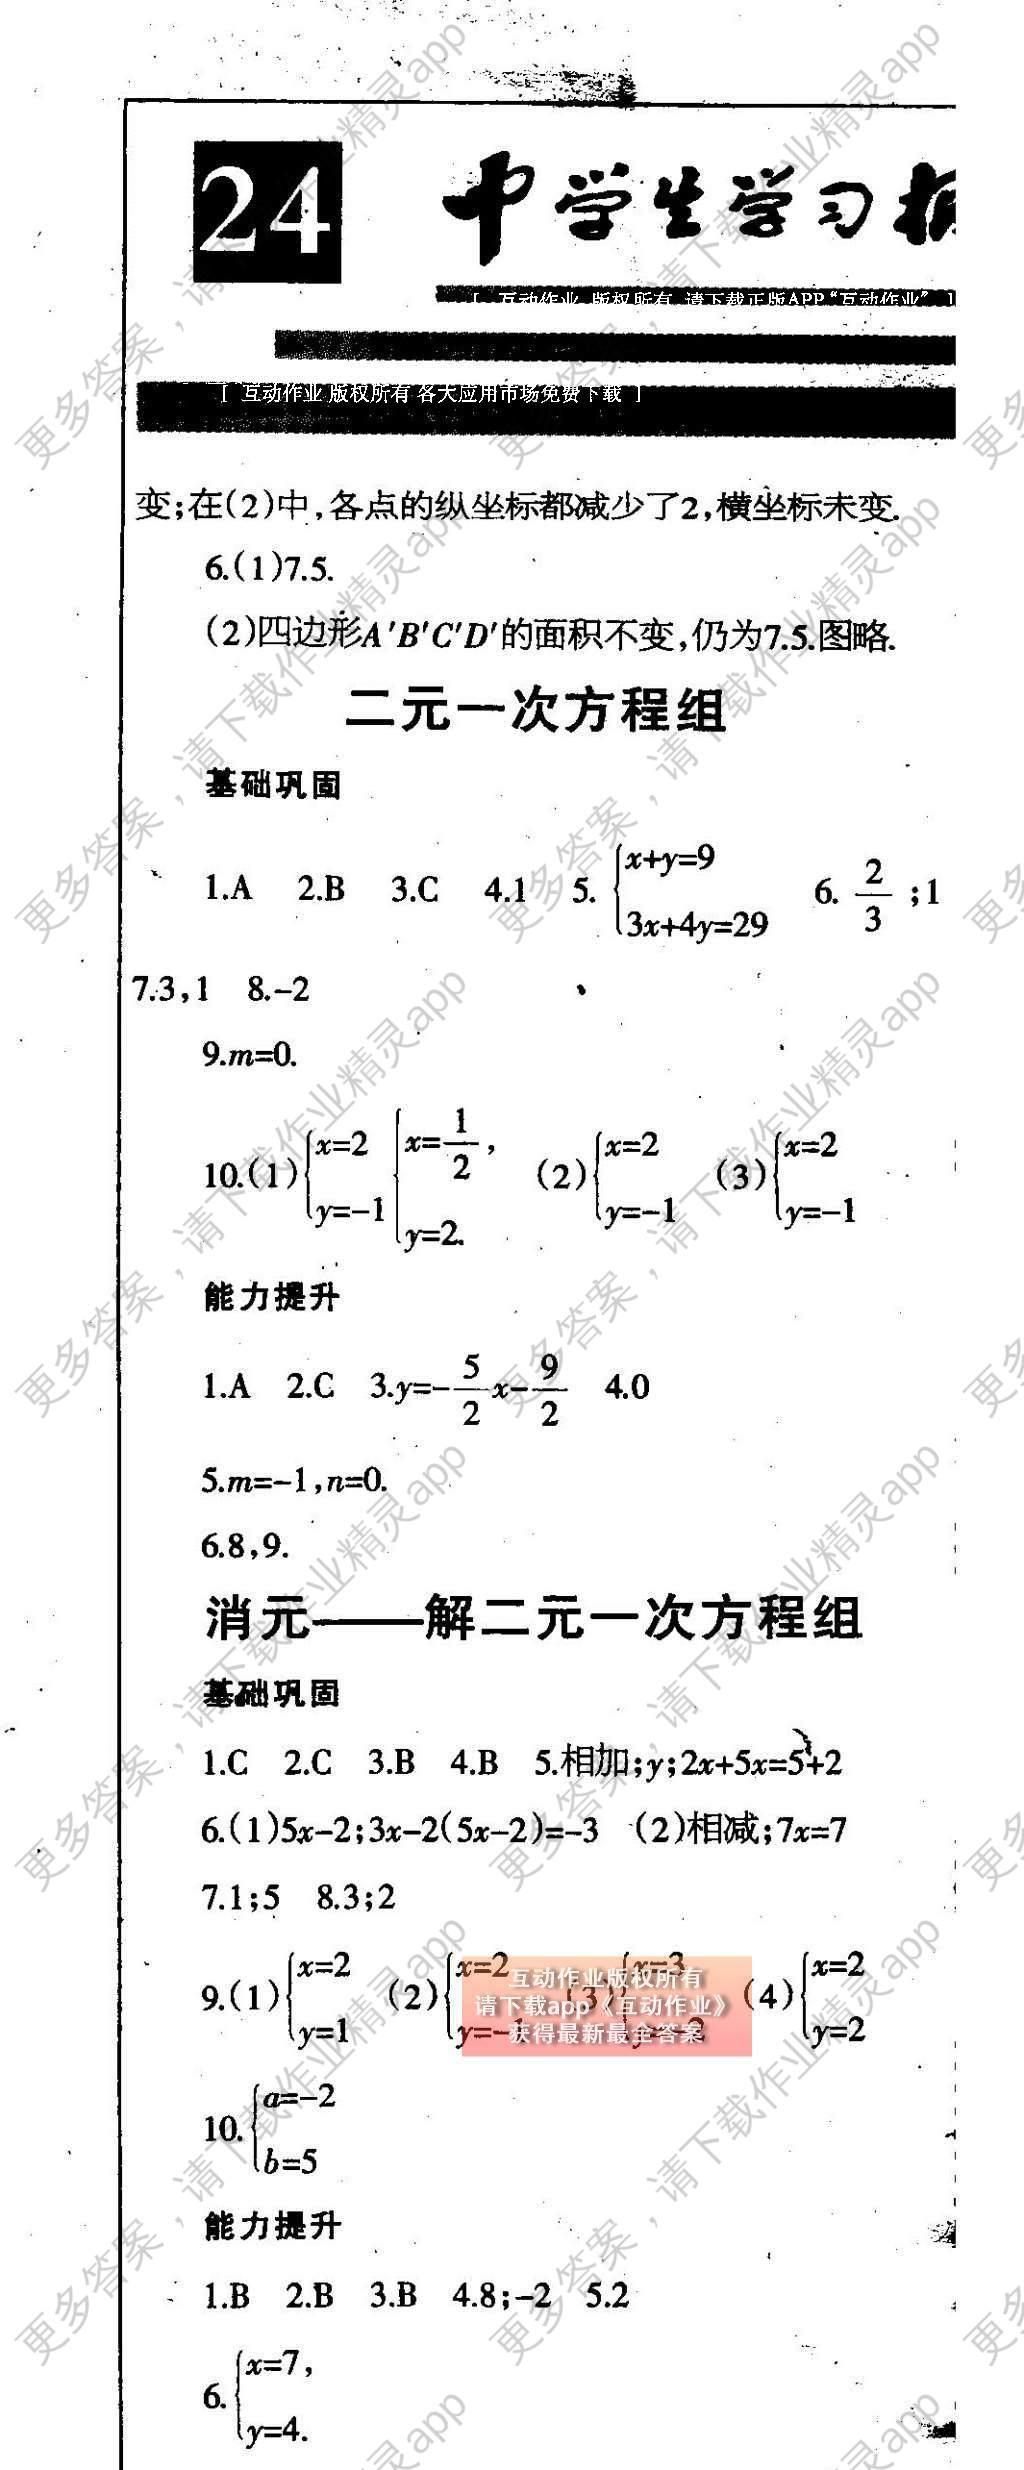 2015年中学生学习报2015数学周刊暑假专版七